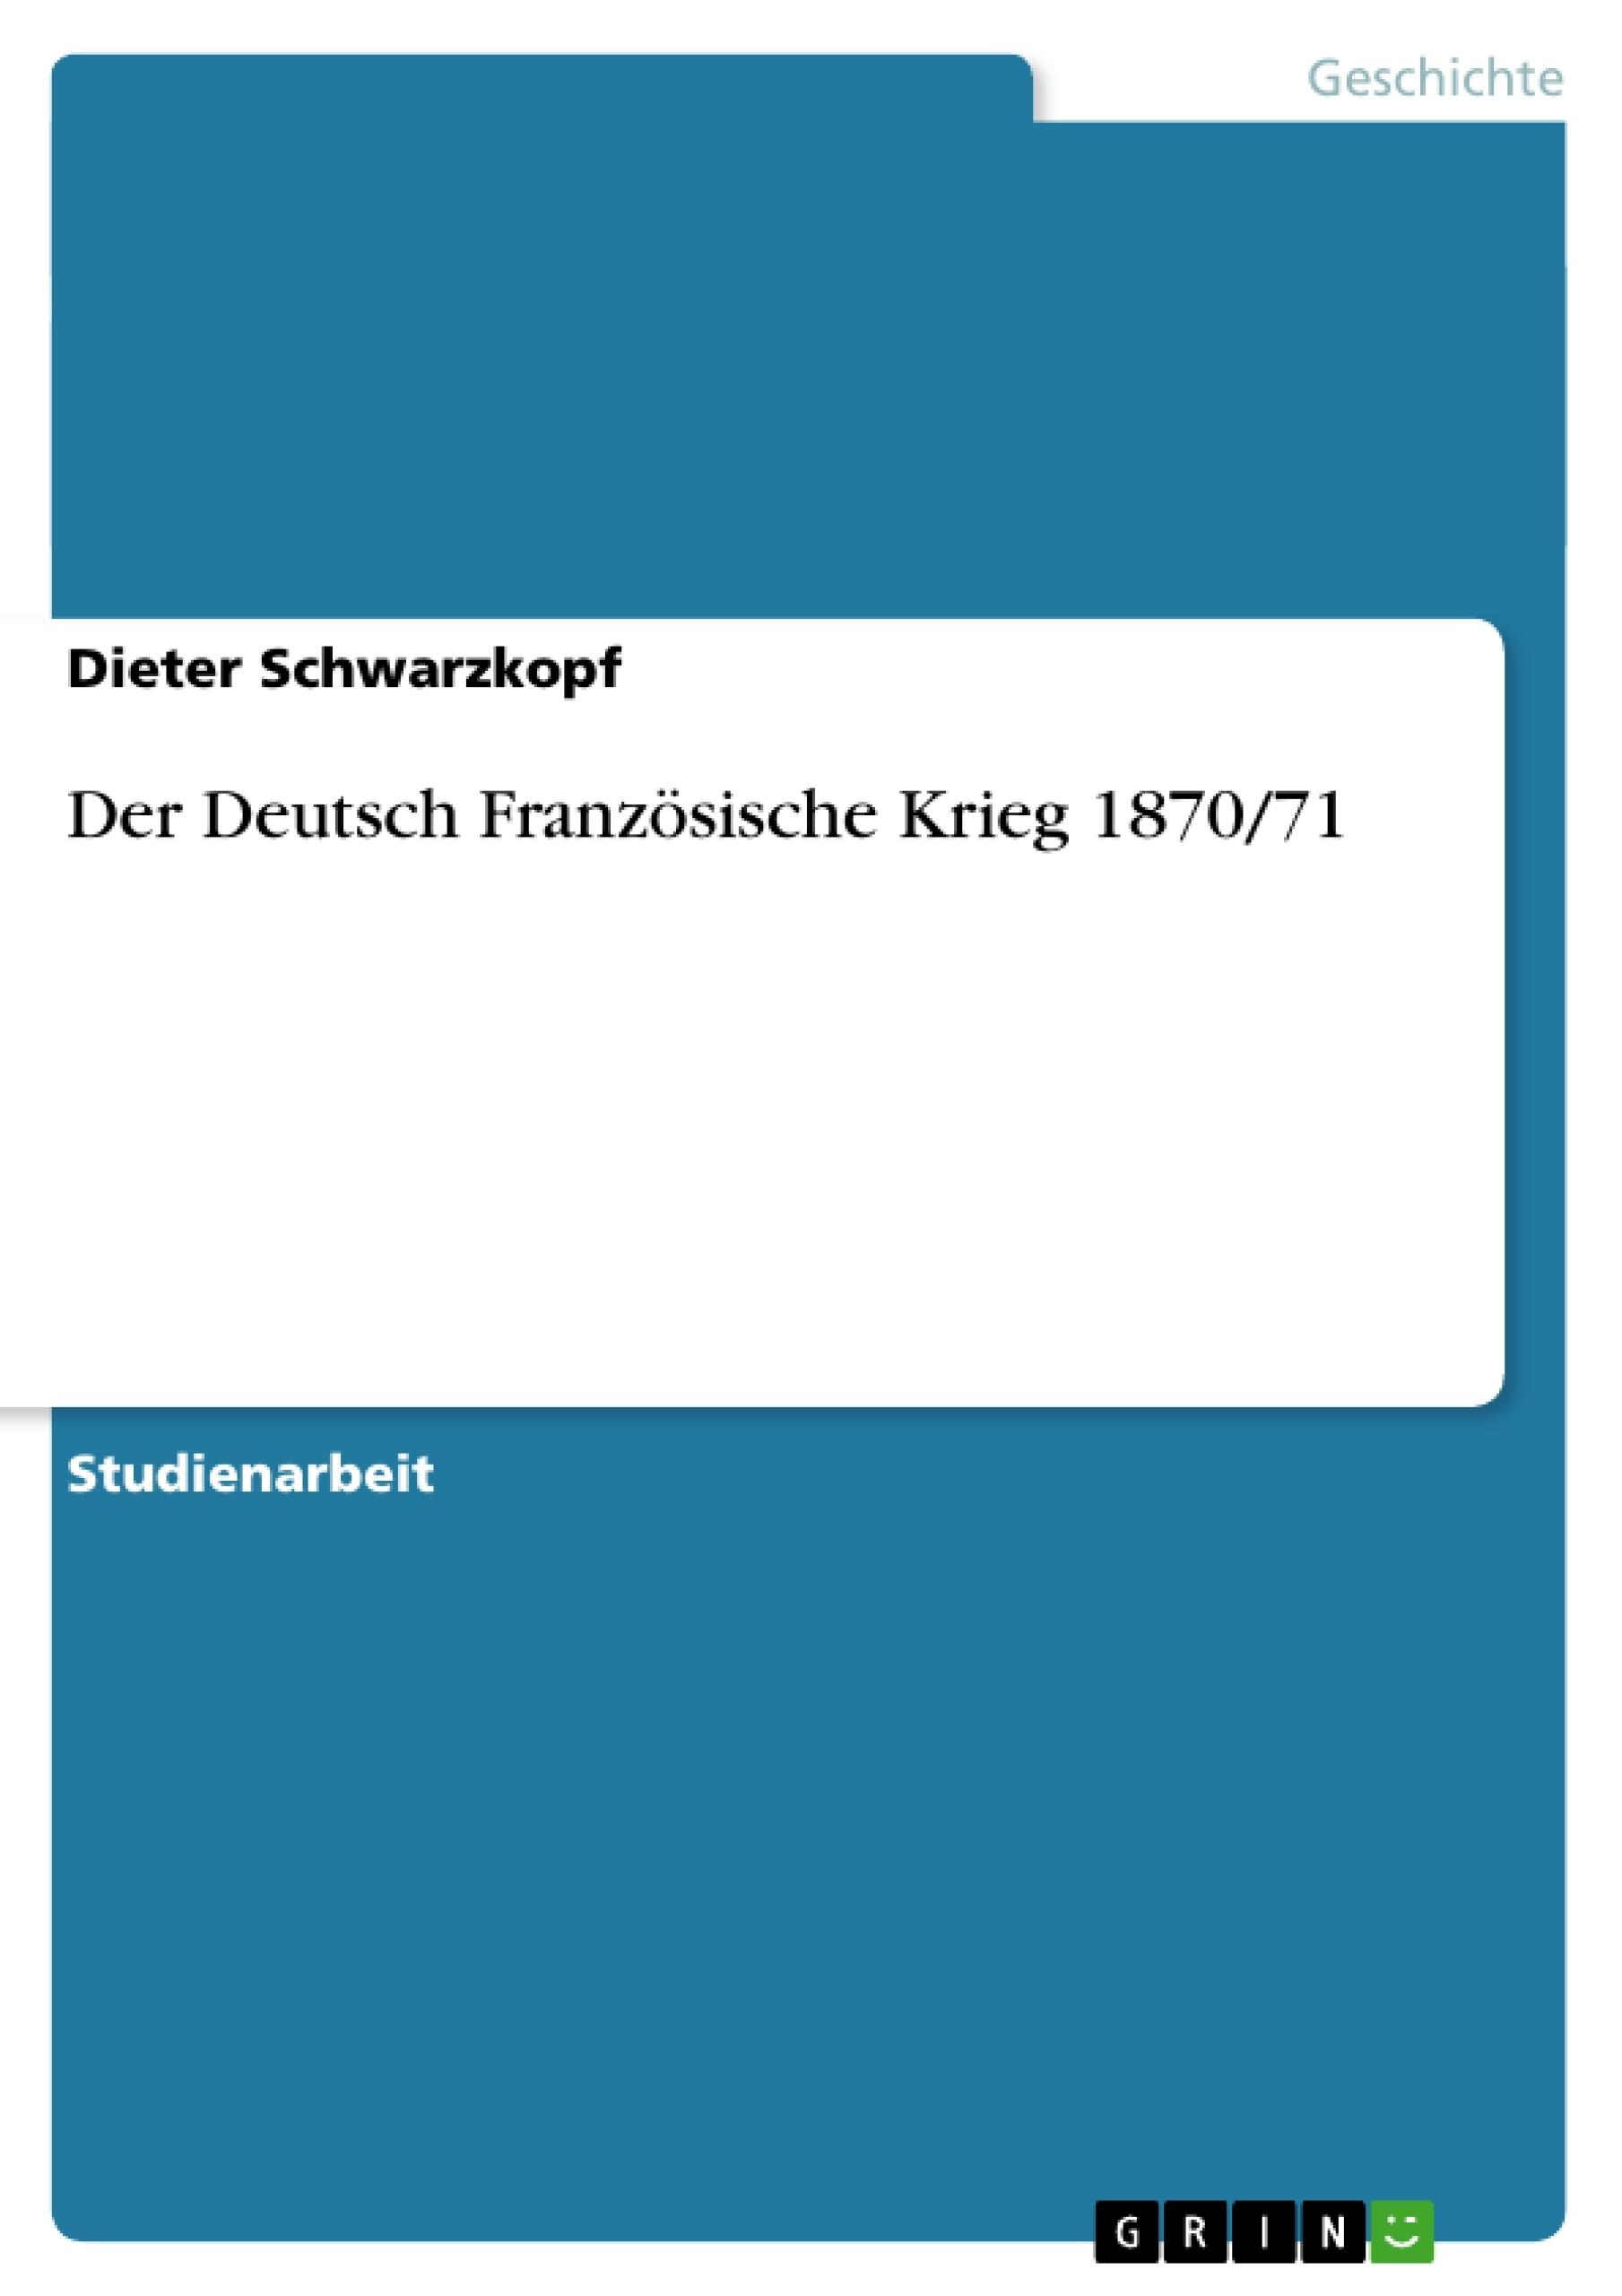 Titel: Der Deutsch Französische Krieg 1870/71